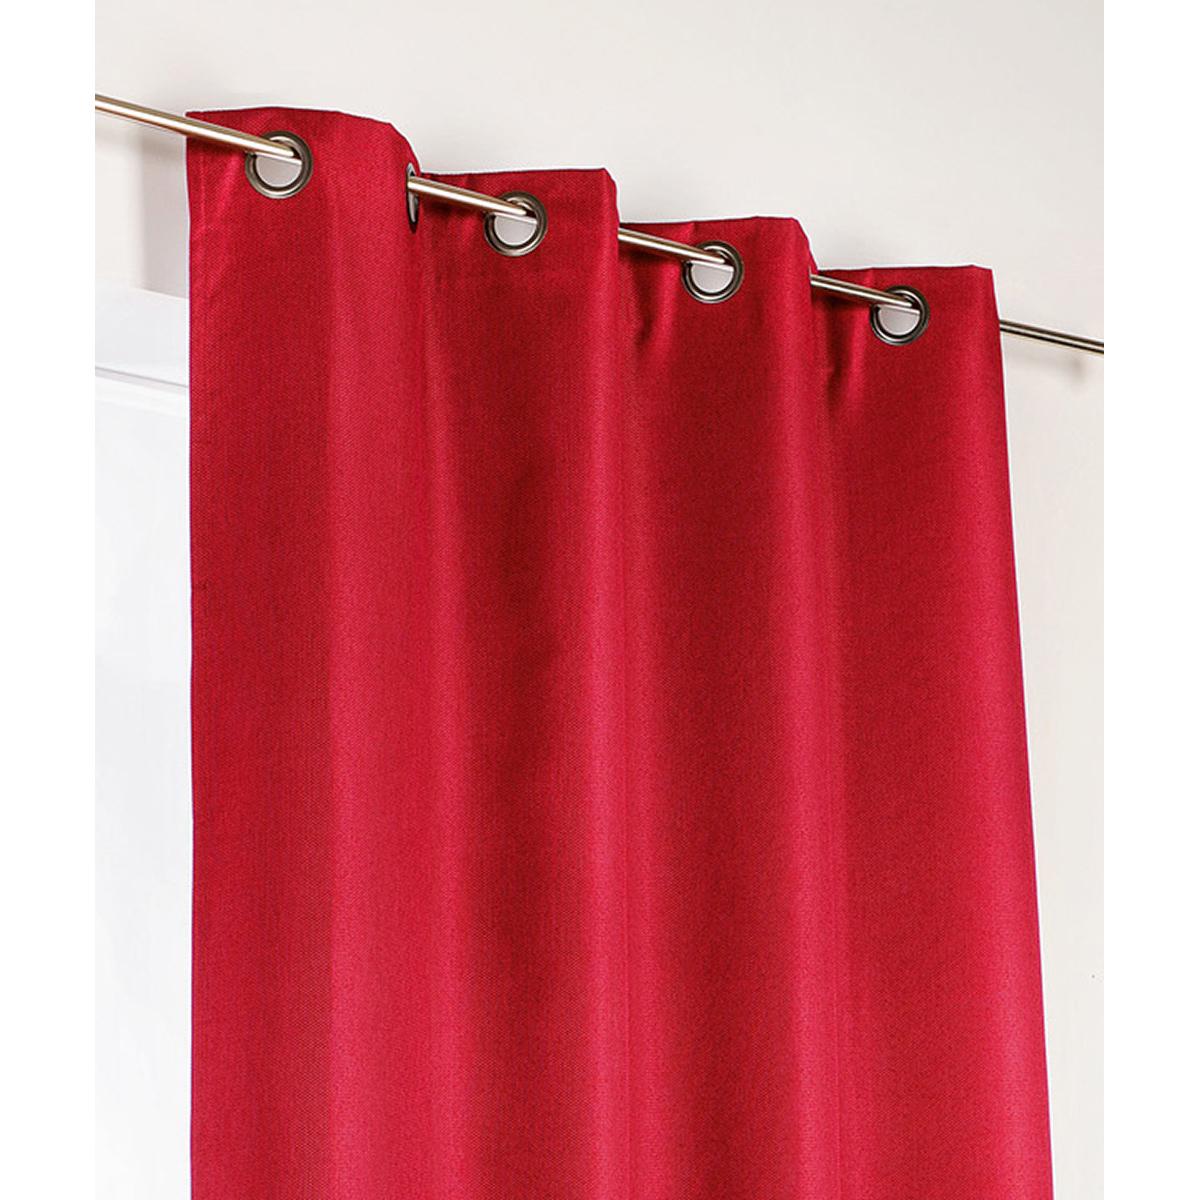 Rideau d'ameublement 100% occultant - Rouge - 140 x 240 cm